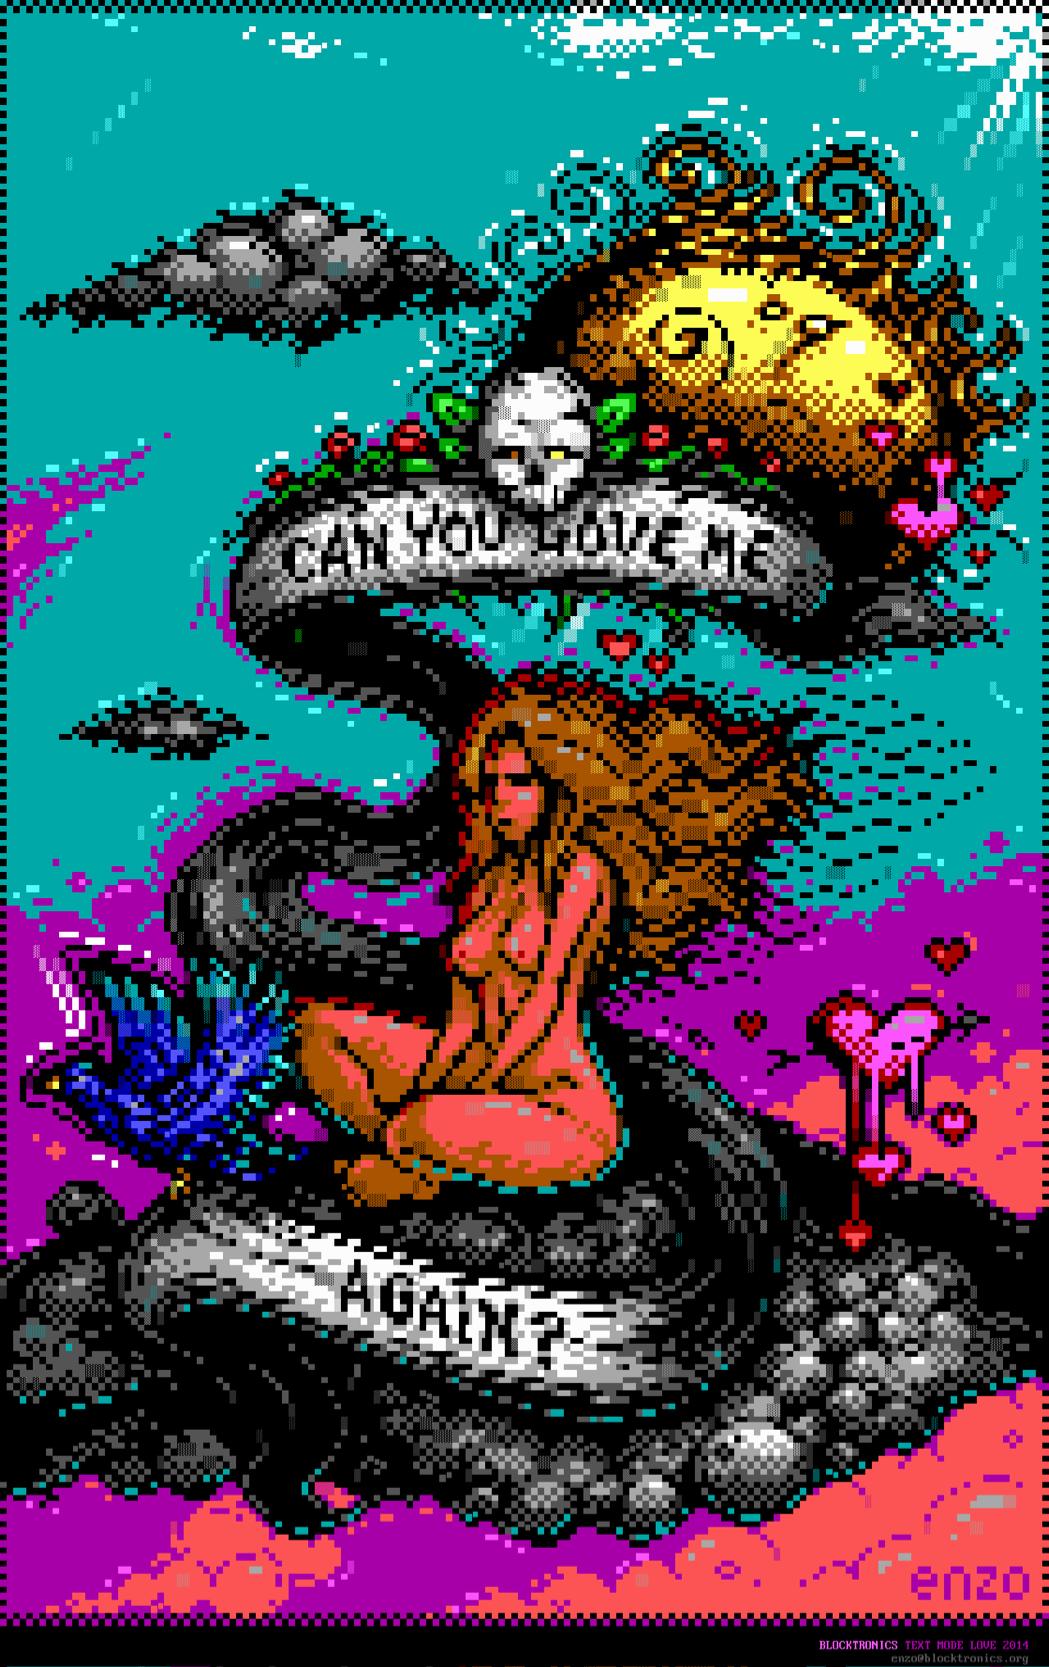 zO-Love_me_again